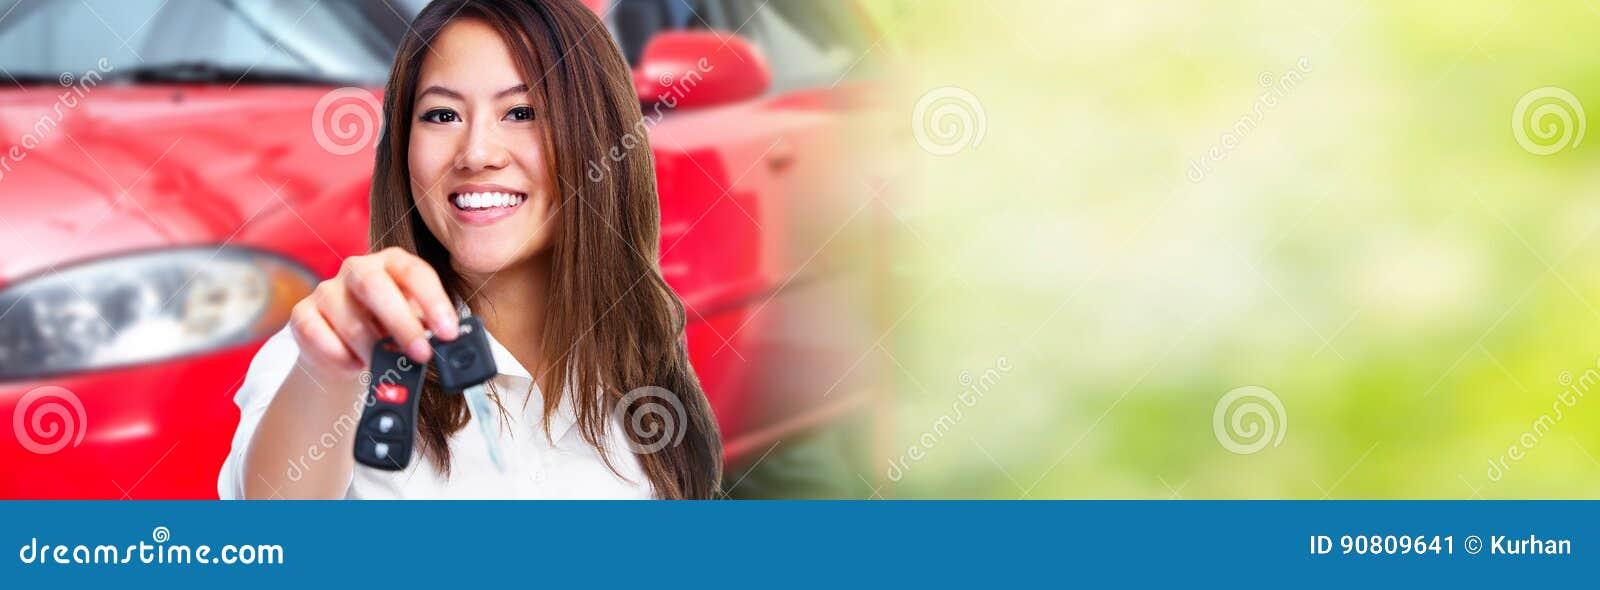 Femme avec une clé de véhicule